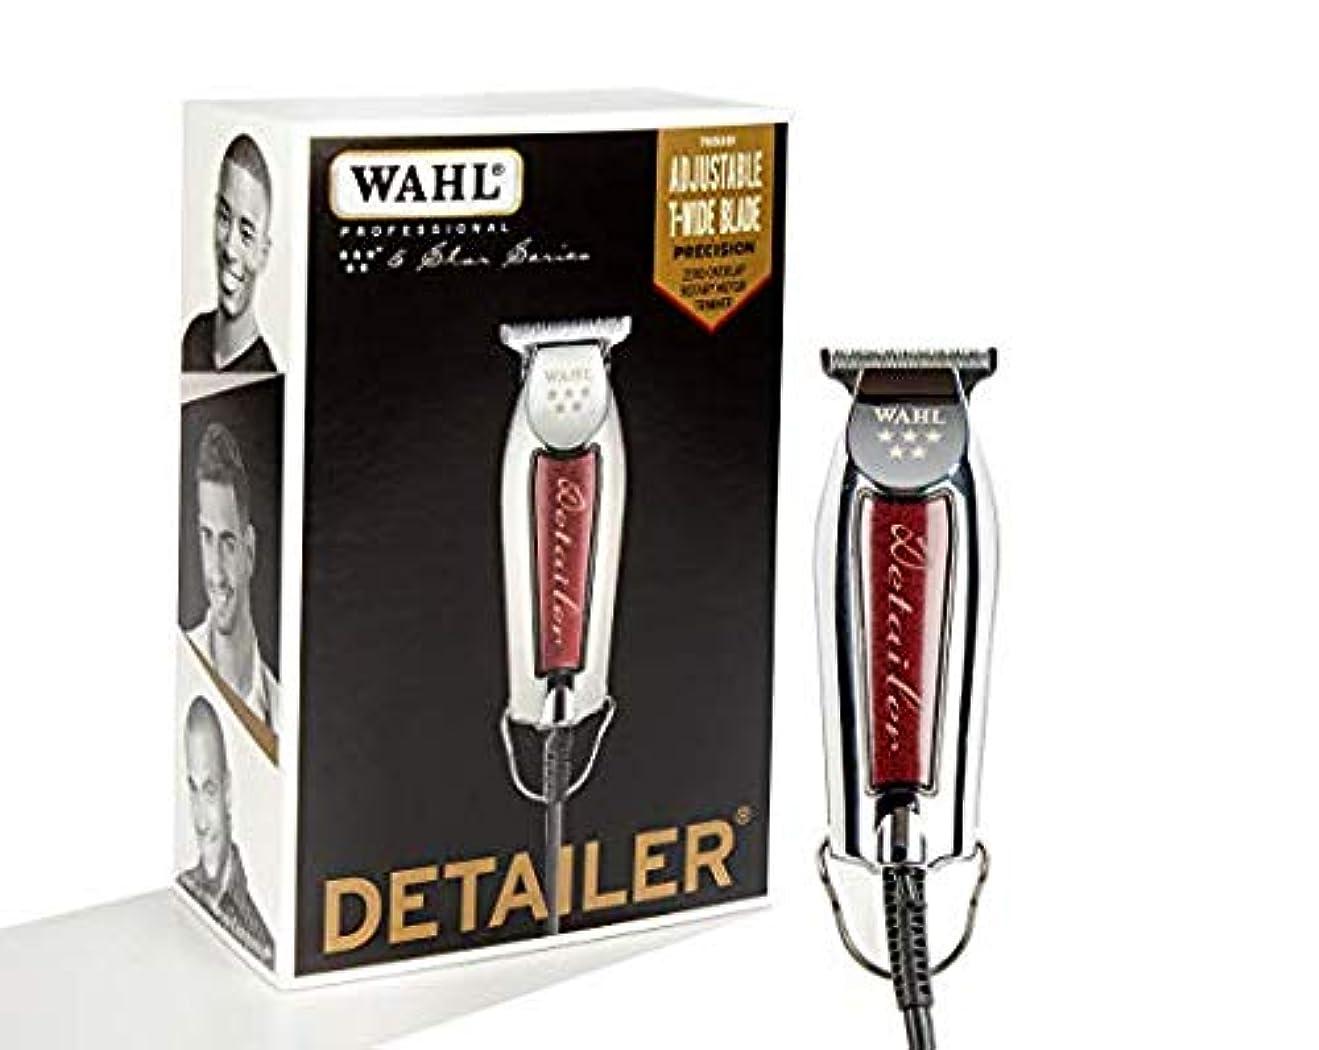 彫刻家リーフレット確立します[Wahl ] [Professional Series Detailer #8081 - With Adjustable T-Blade, 3 Trimming Guides (1/16 inch - 1/4 inch), Red Blade Guard, Oil, Cleaning Brush and Operating Instructions, 5-Inch ] (並行輸入品)